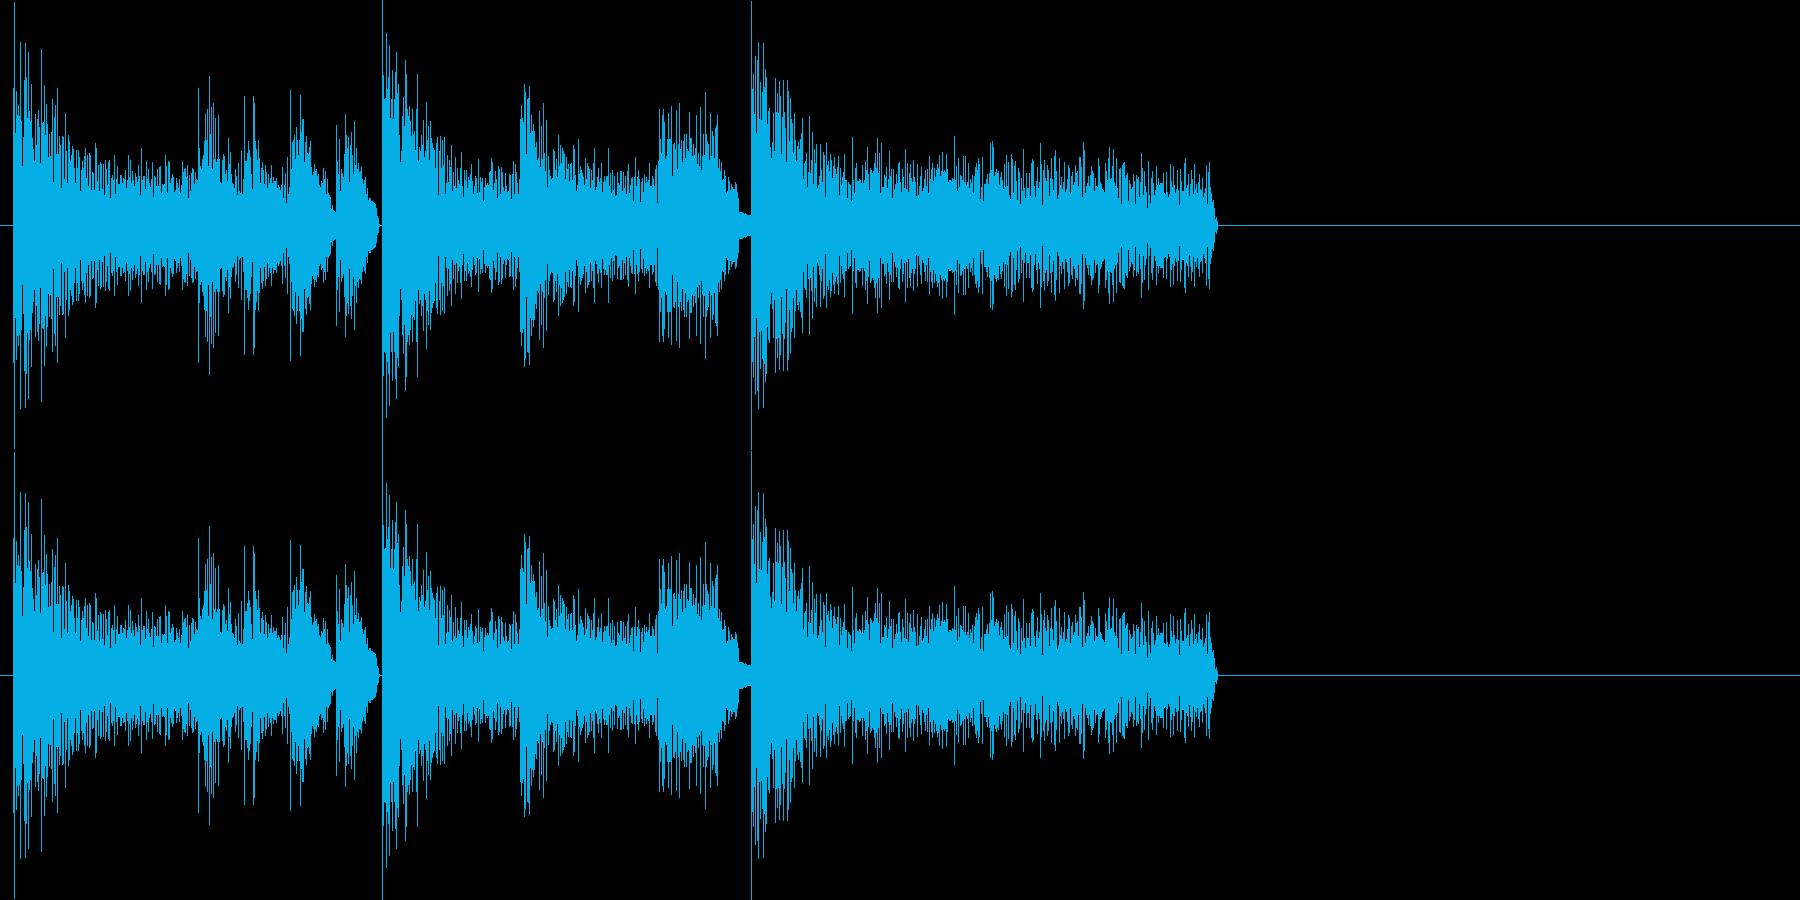 レトロゲーム風・ゲームオーバー#3の再生済みの波形